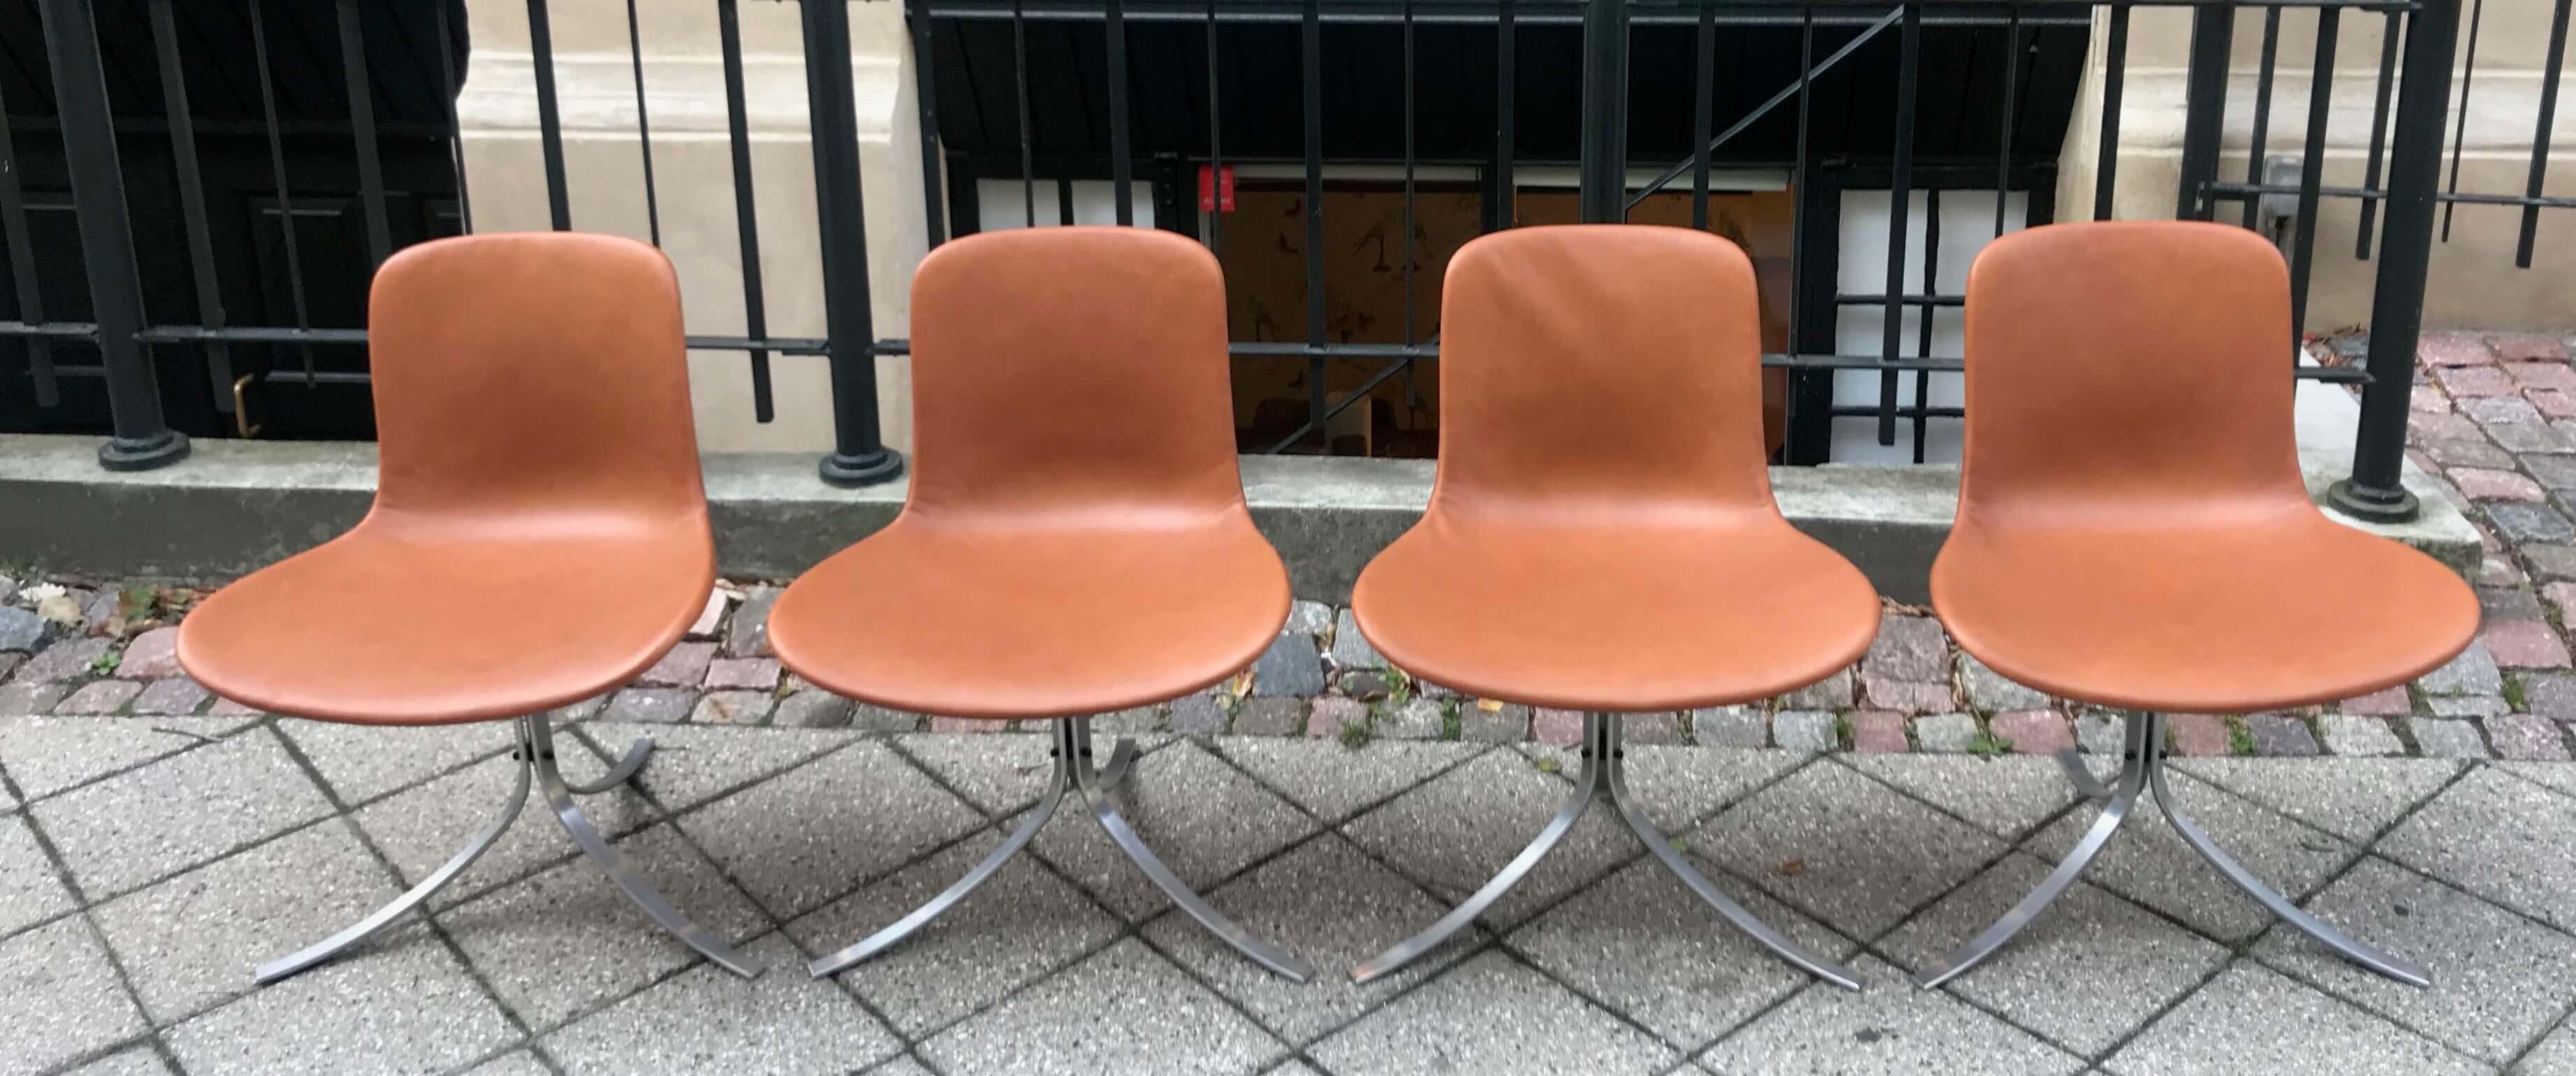 Vintage Poul Kjaerholm PK54 Tafel & PK9 stoelen